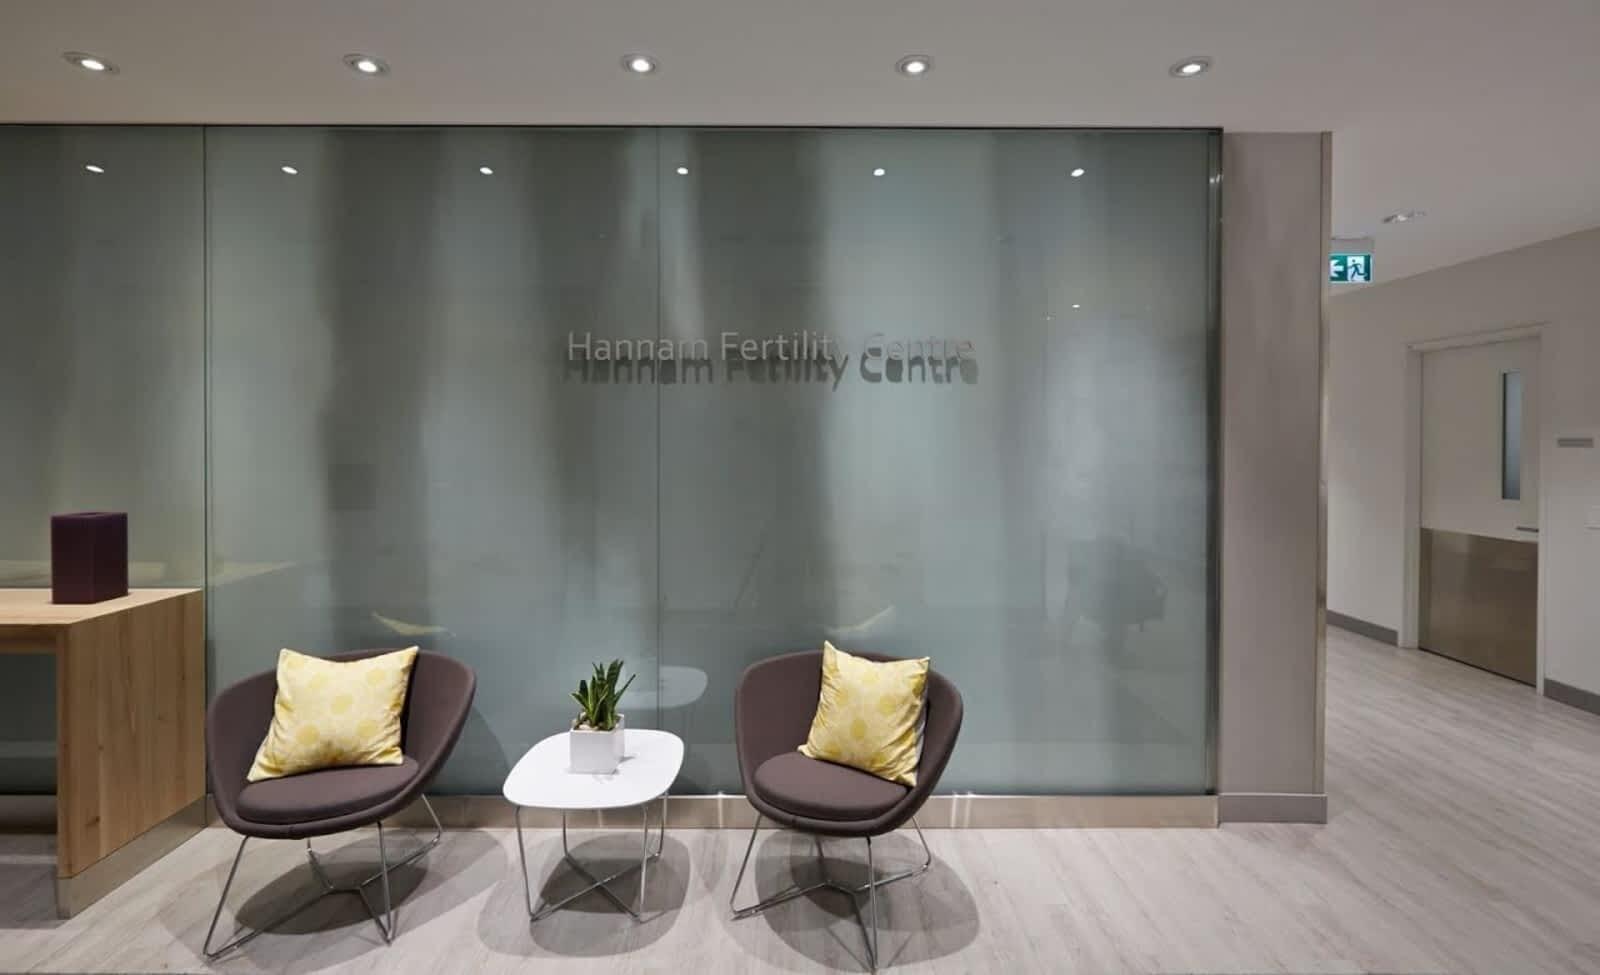 Hannam Fertility Centre